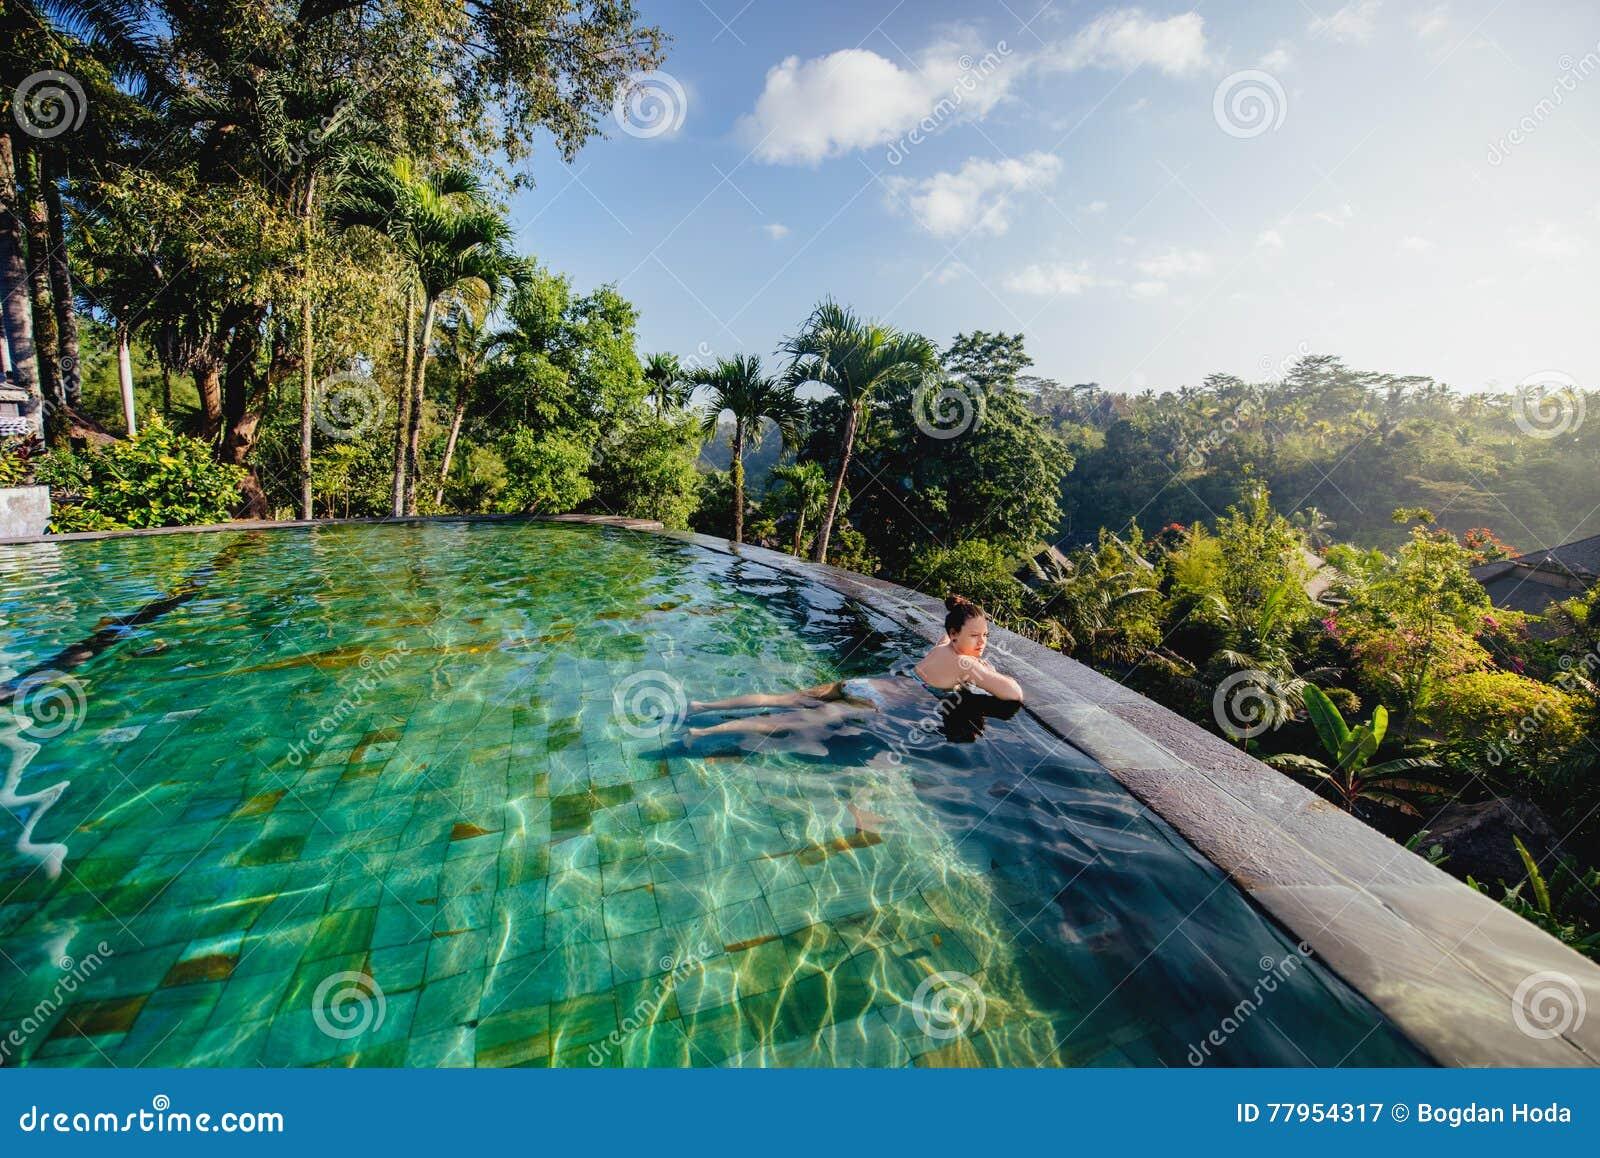 Mujer hermosa en centro turístico lujoso Chica joven que toma un baño y que se relaja en la piscina del infinito